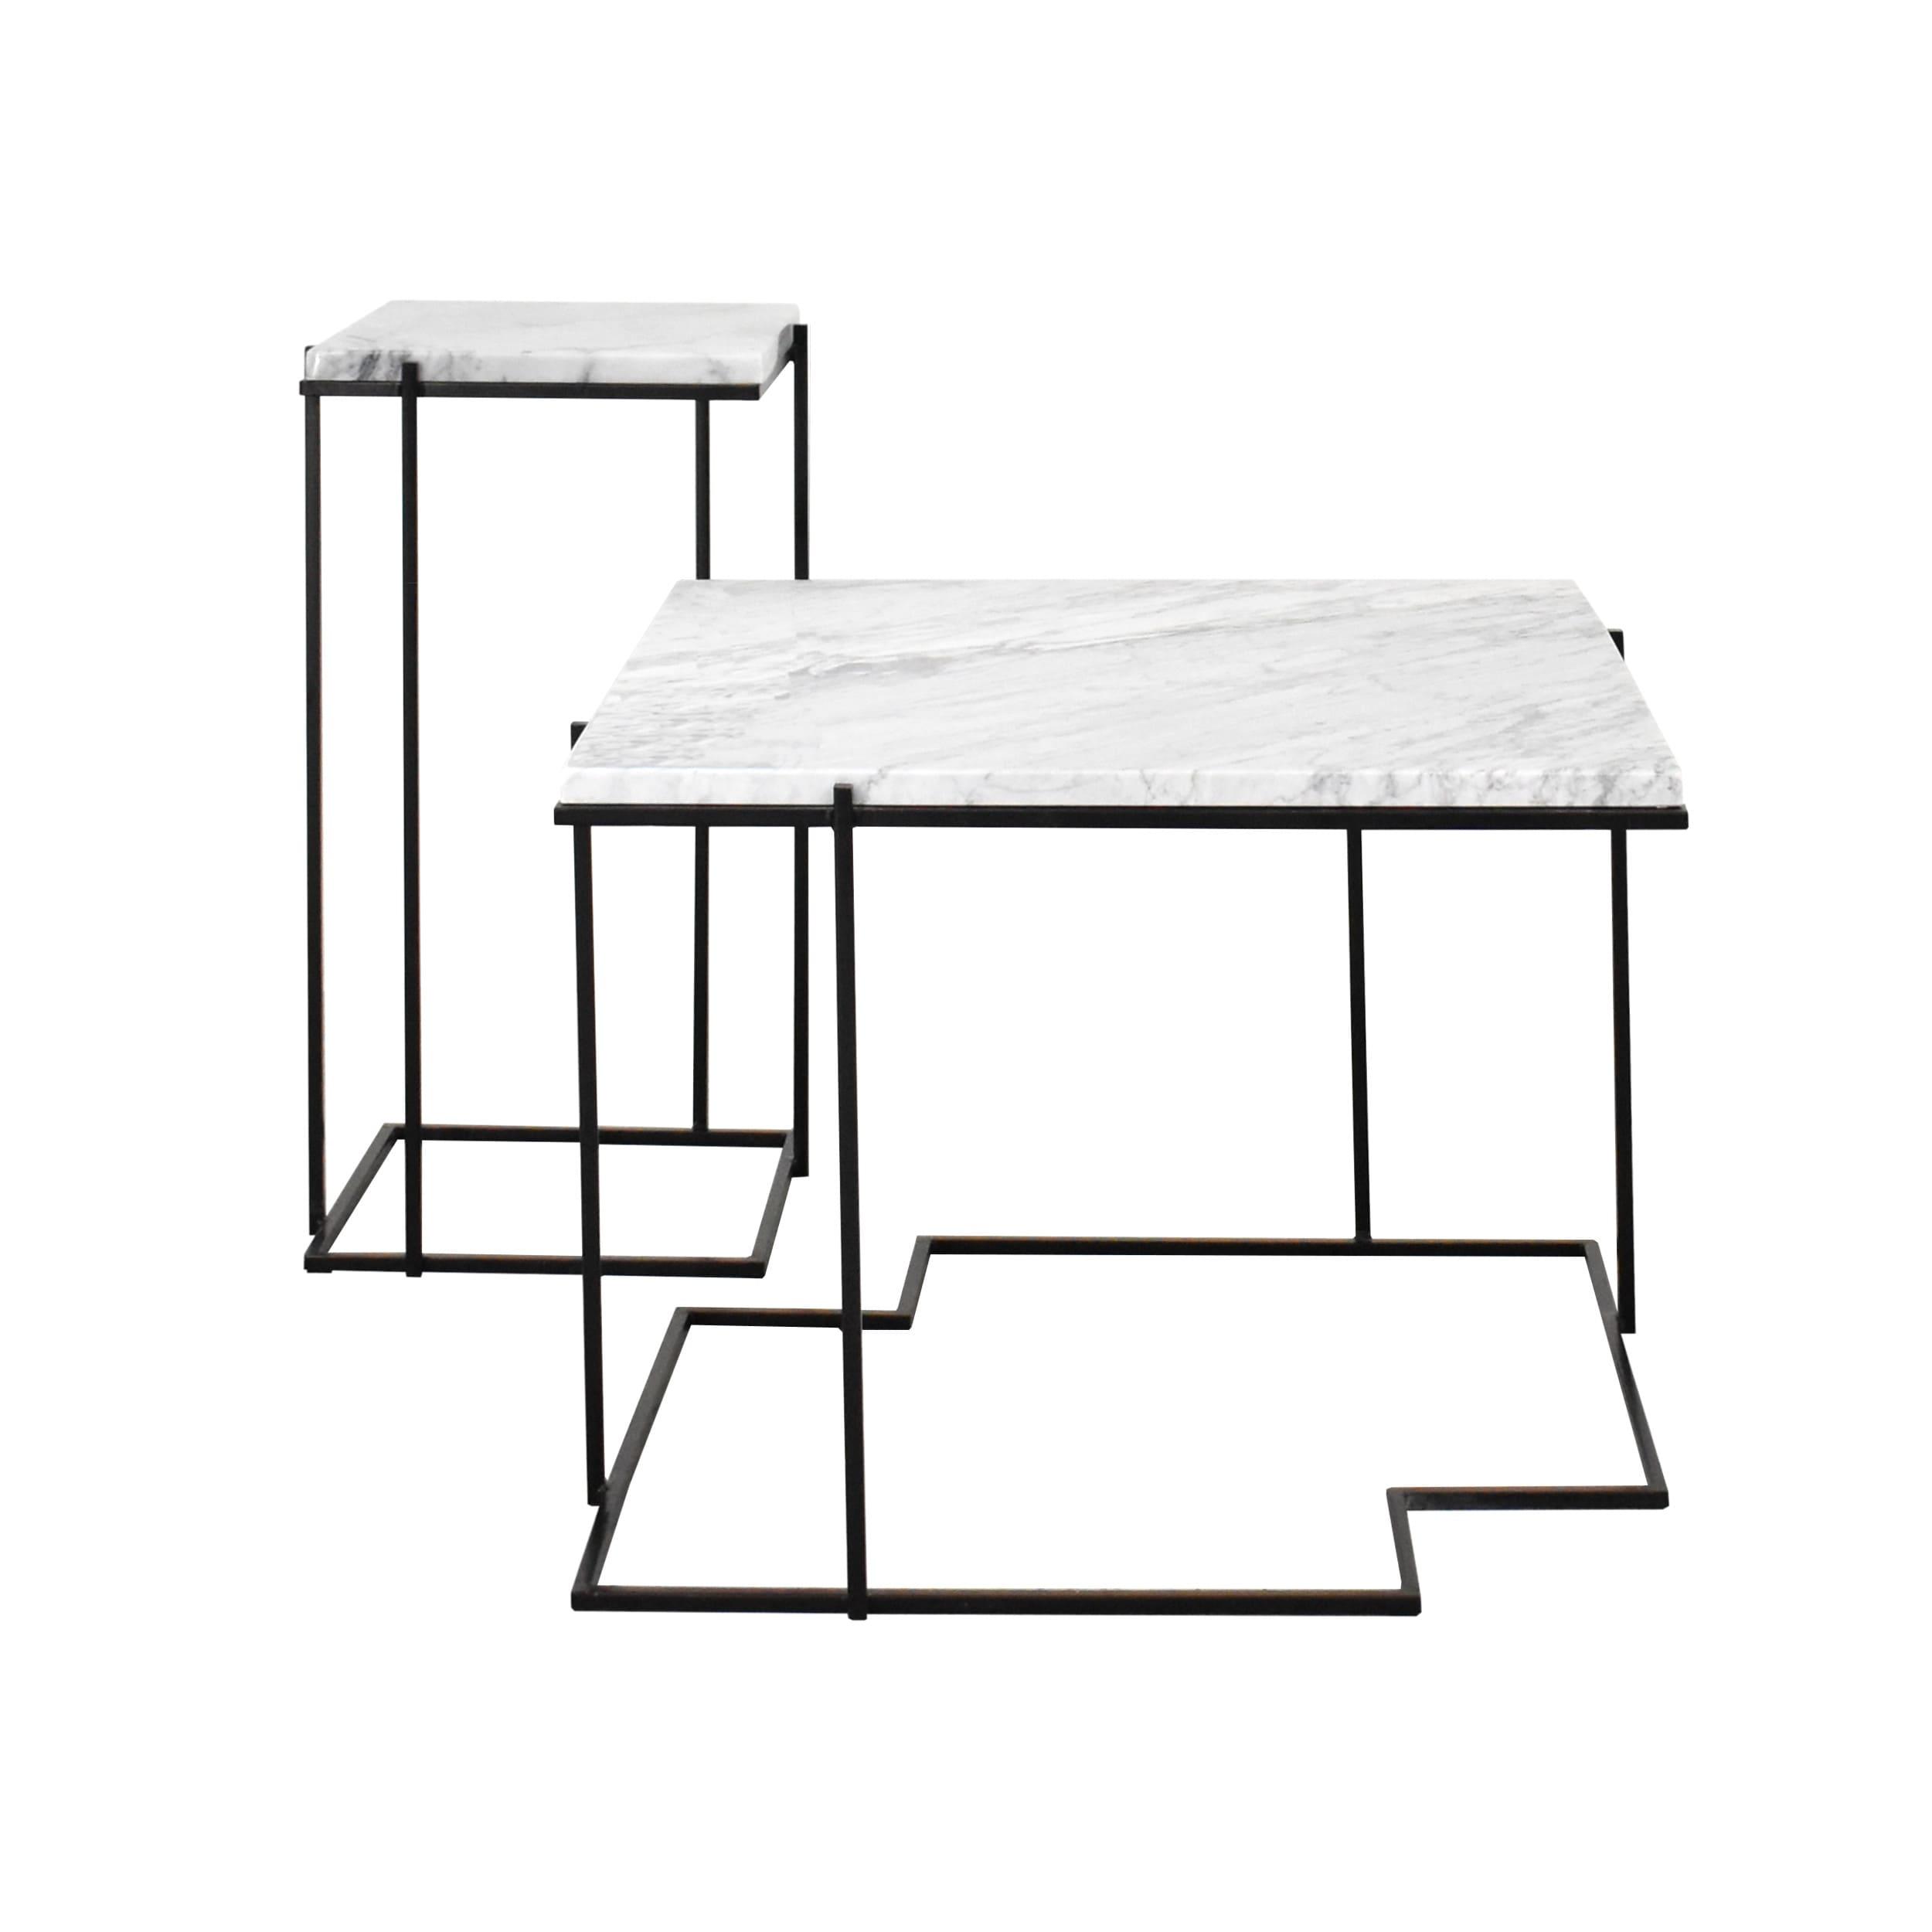 Stoliki kawowe, stolik okolicznościowe, stolik boczne, z blatem marmurowym Carrara Bianco - SLEEK WHITE PUZZLE, SLEEK